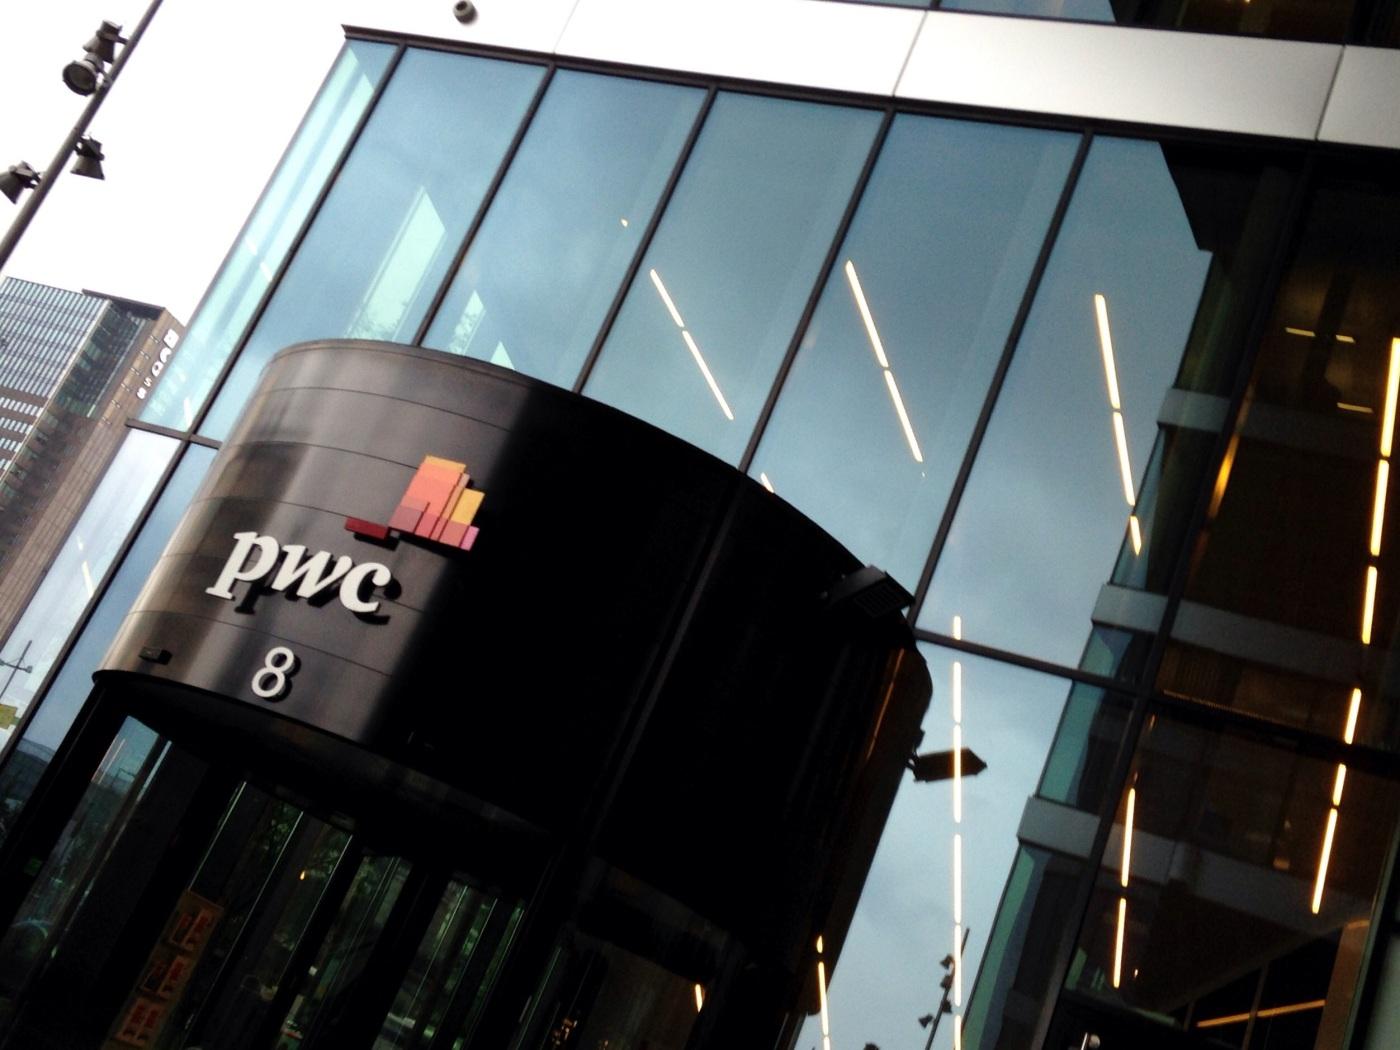 Bilde av inngangen til pwc i Oslo